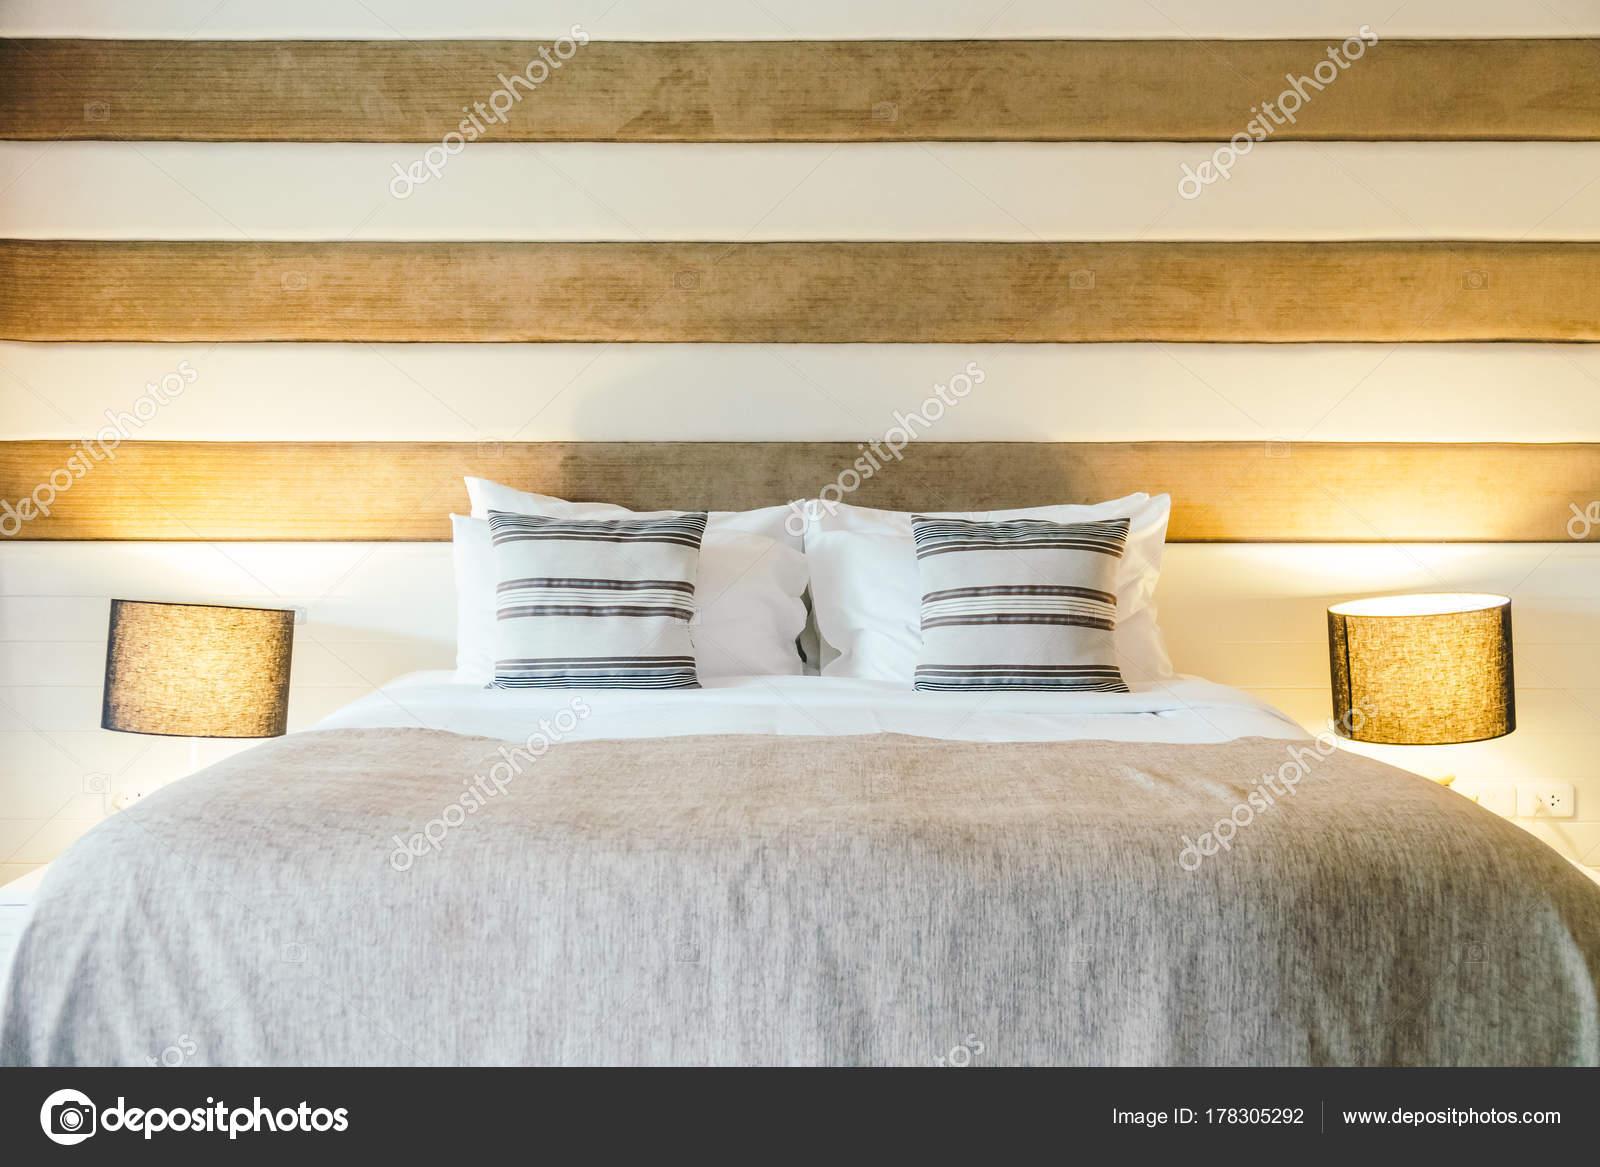 Kissen Bett Dekoration Schlafzimmer Innenraum Mit Lampe Filter Verarbeitet  U2014 Stockfoto